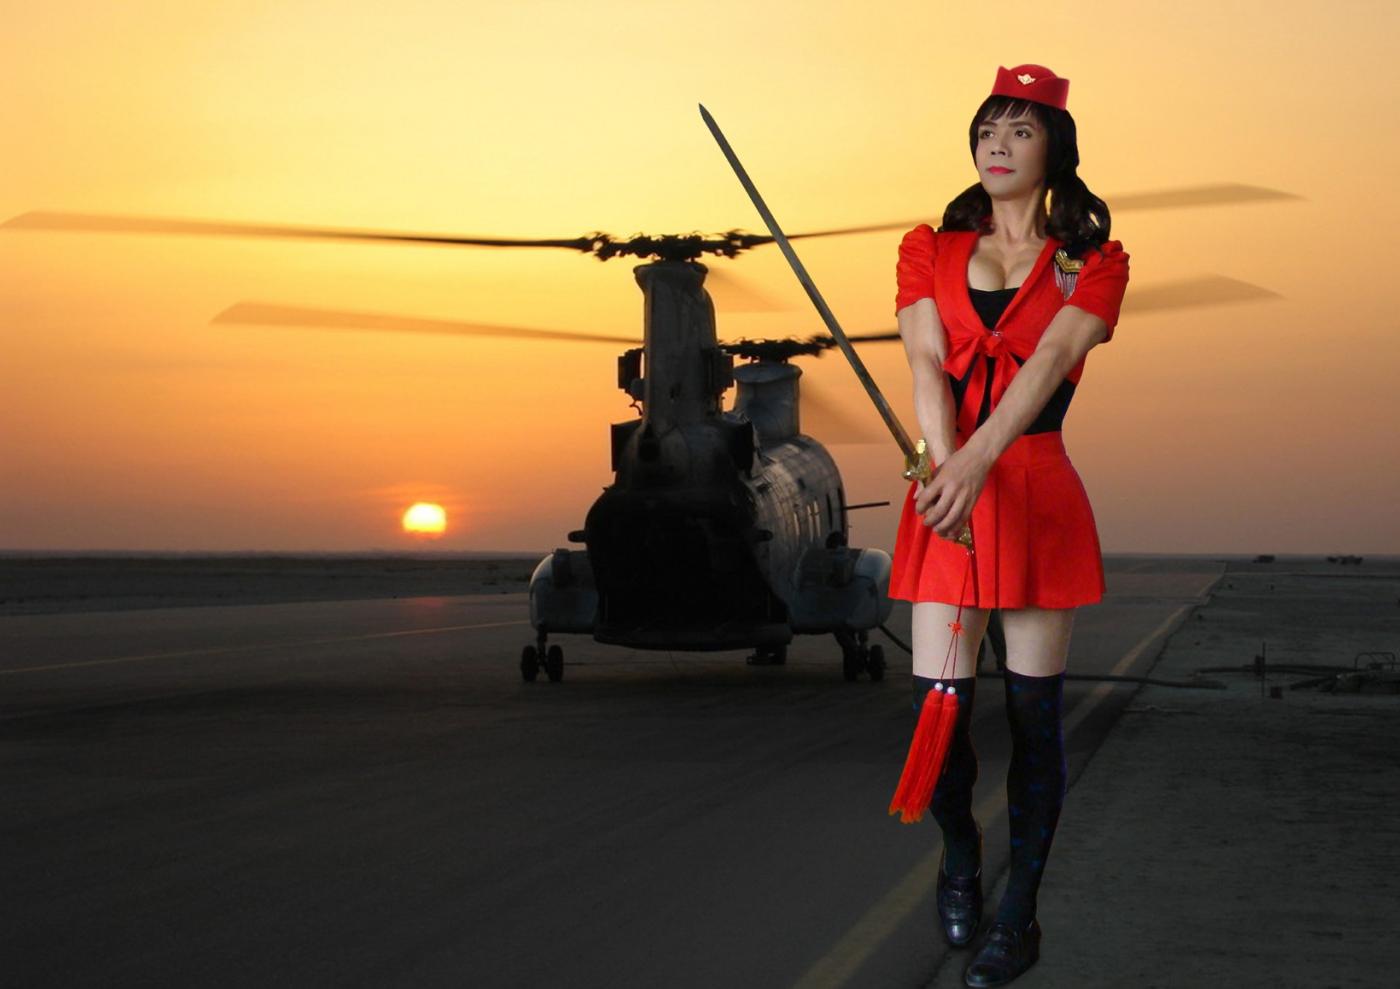 制服的诱惑-胸肌哥空姐服秀半球形聚拢性感美胸_图1-2